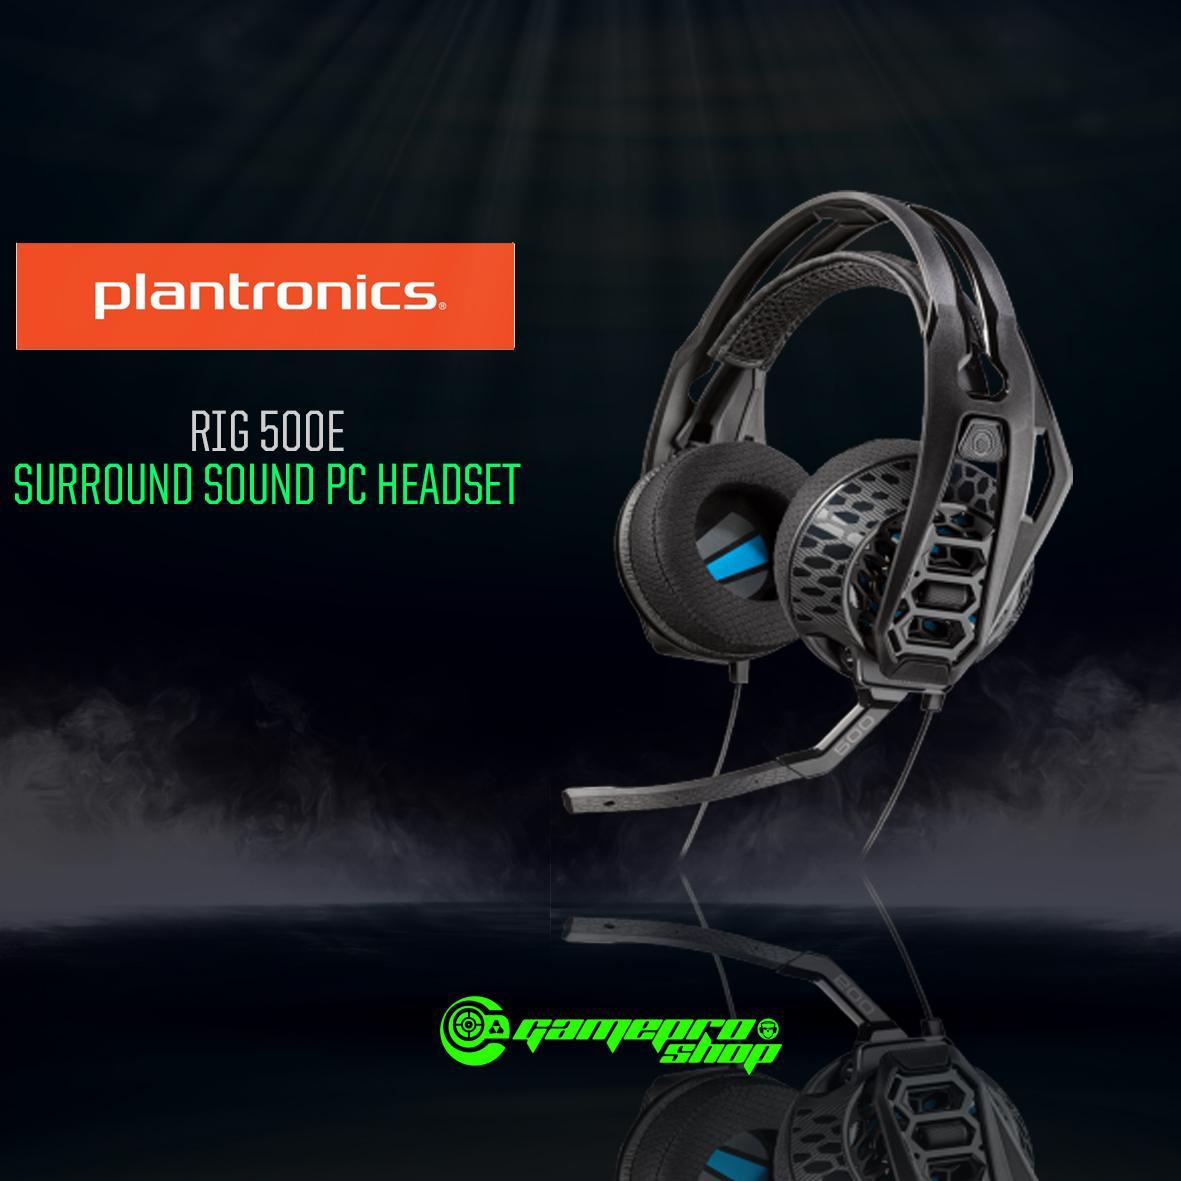 Plantronics RIG 500E *NDP PROMO*